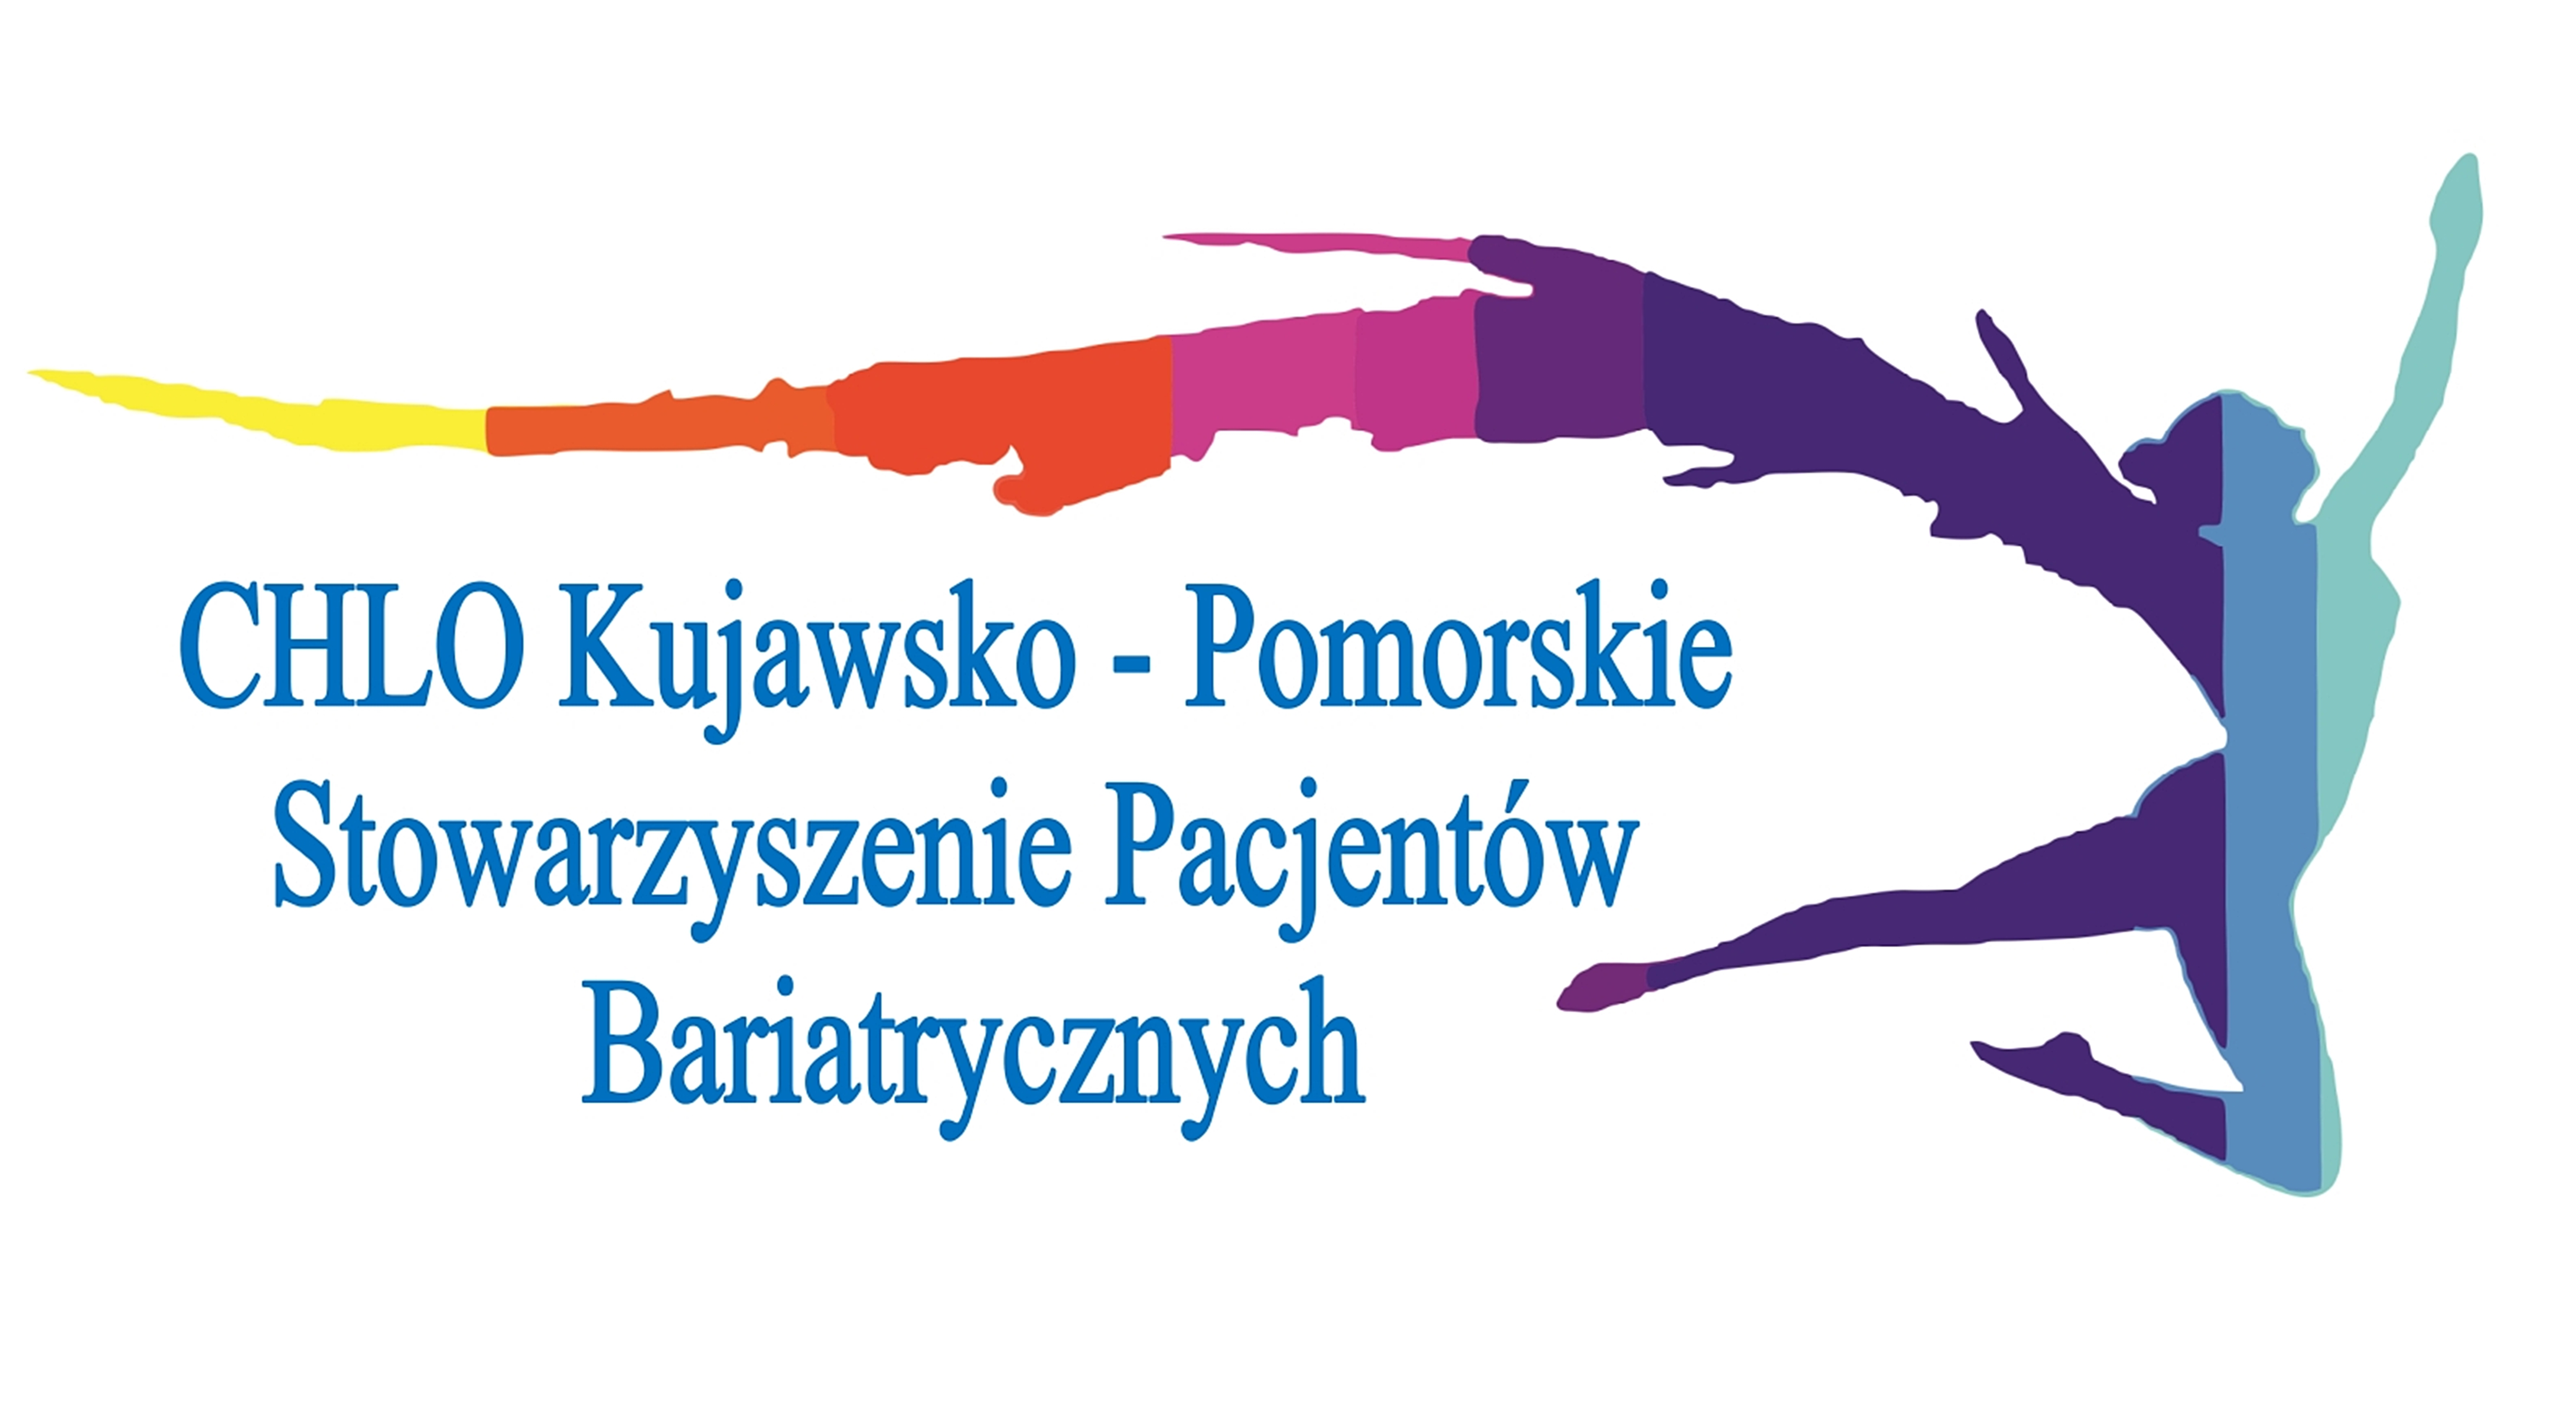 CHLO Kujawsko - Pomorskie Stowarzyszenie Pacjentów Bariatrycznych